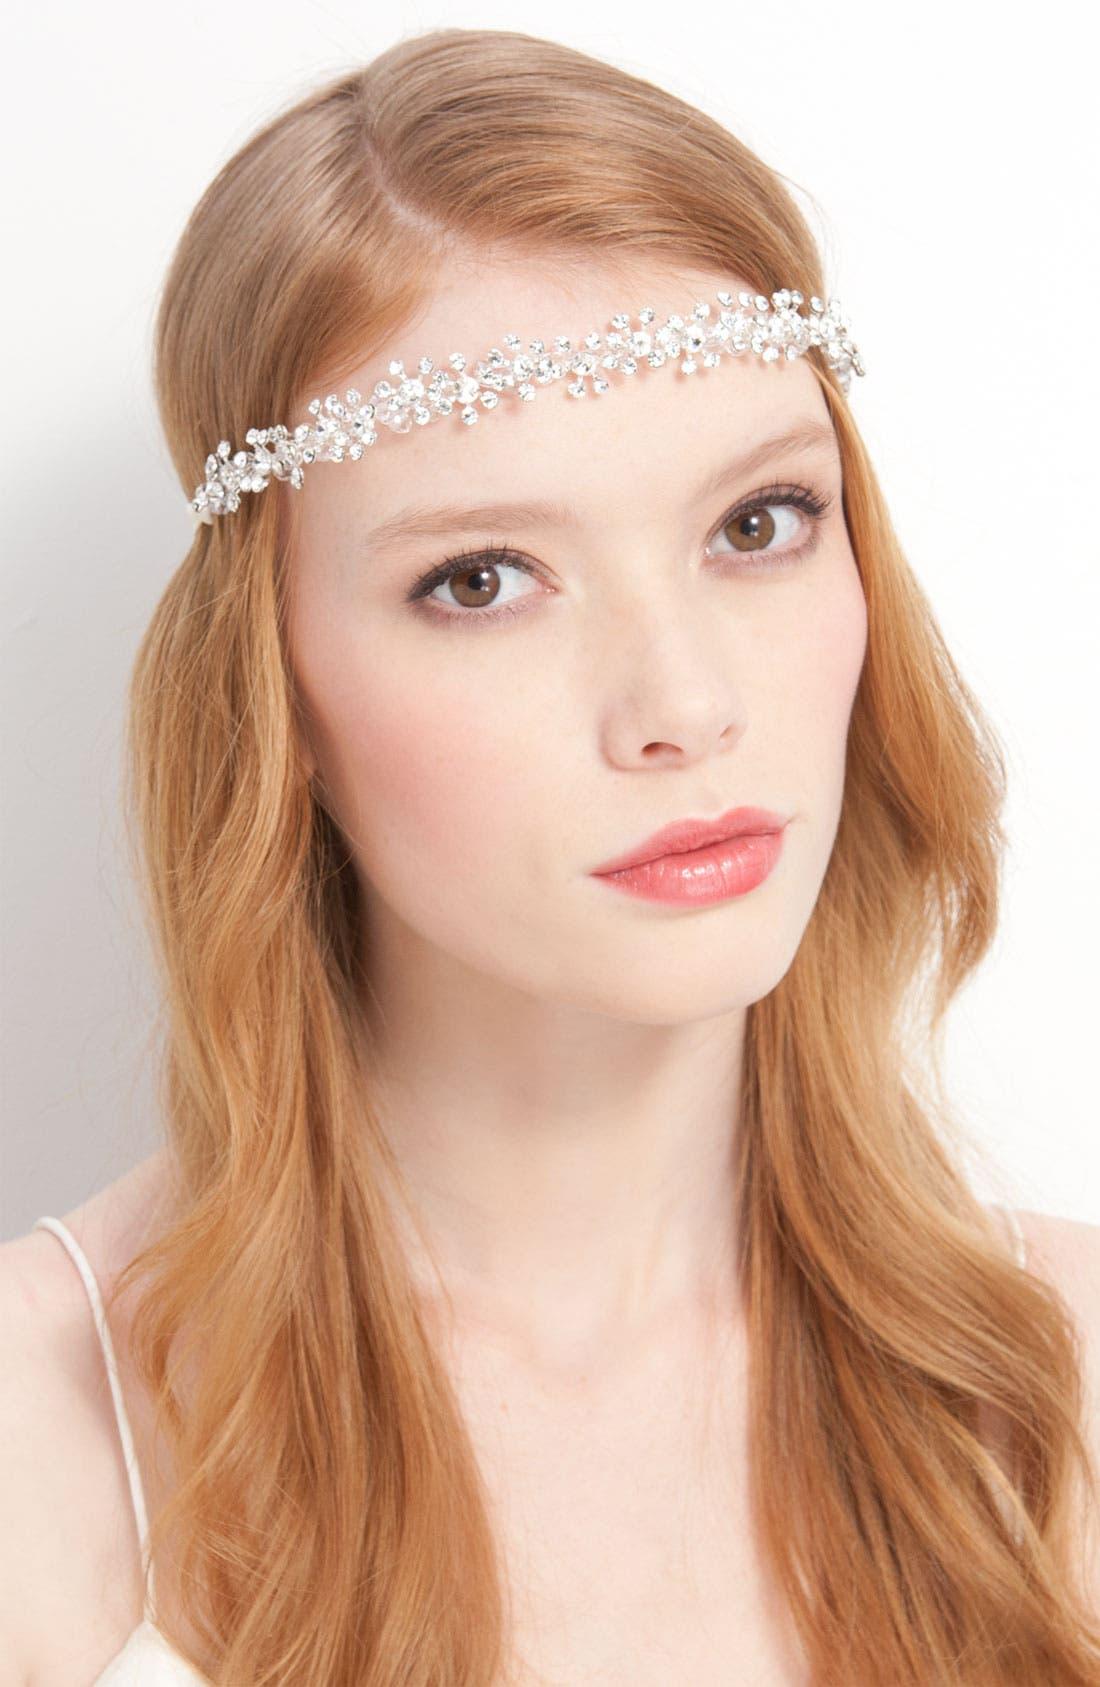 Alternate Image 1 Selected - Tasha 'Beautiful Crystal' Head Wrap